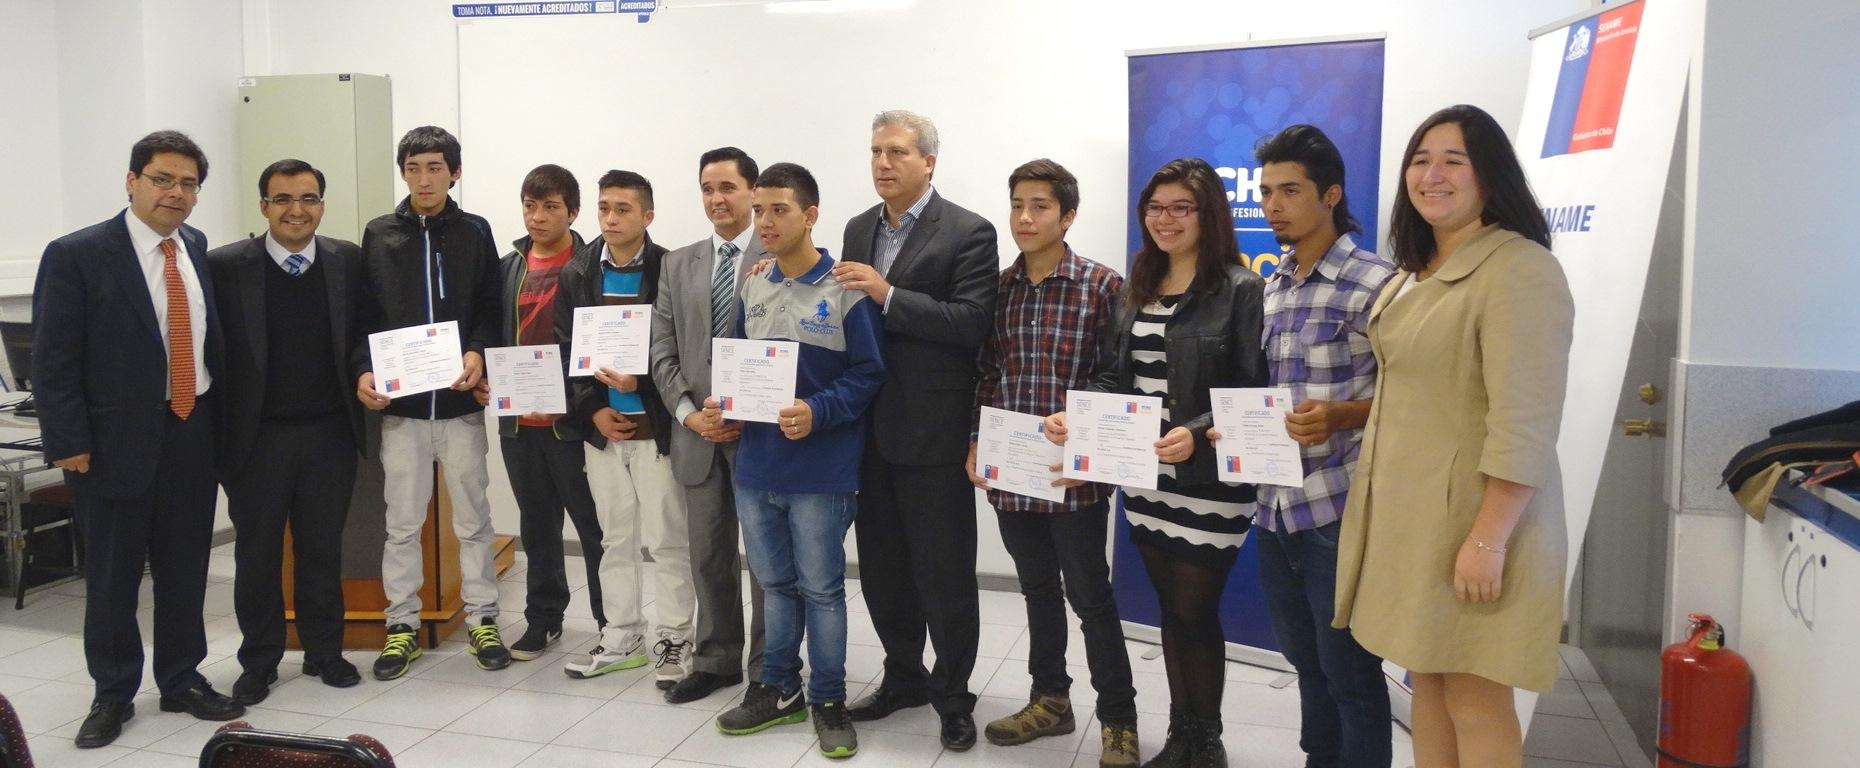 Sence O´Higgins y Sename certifican a jóvenes de programa de ...